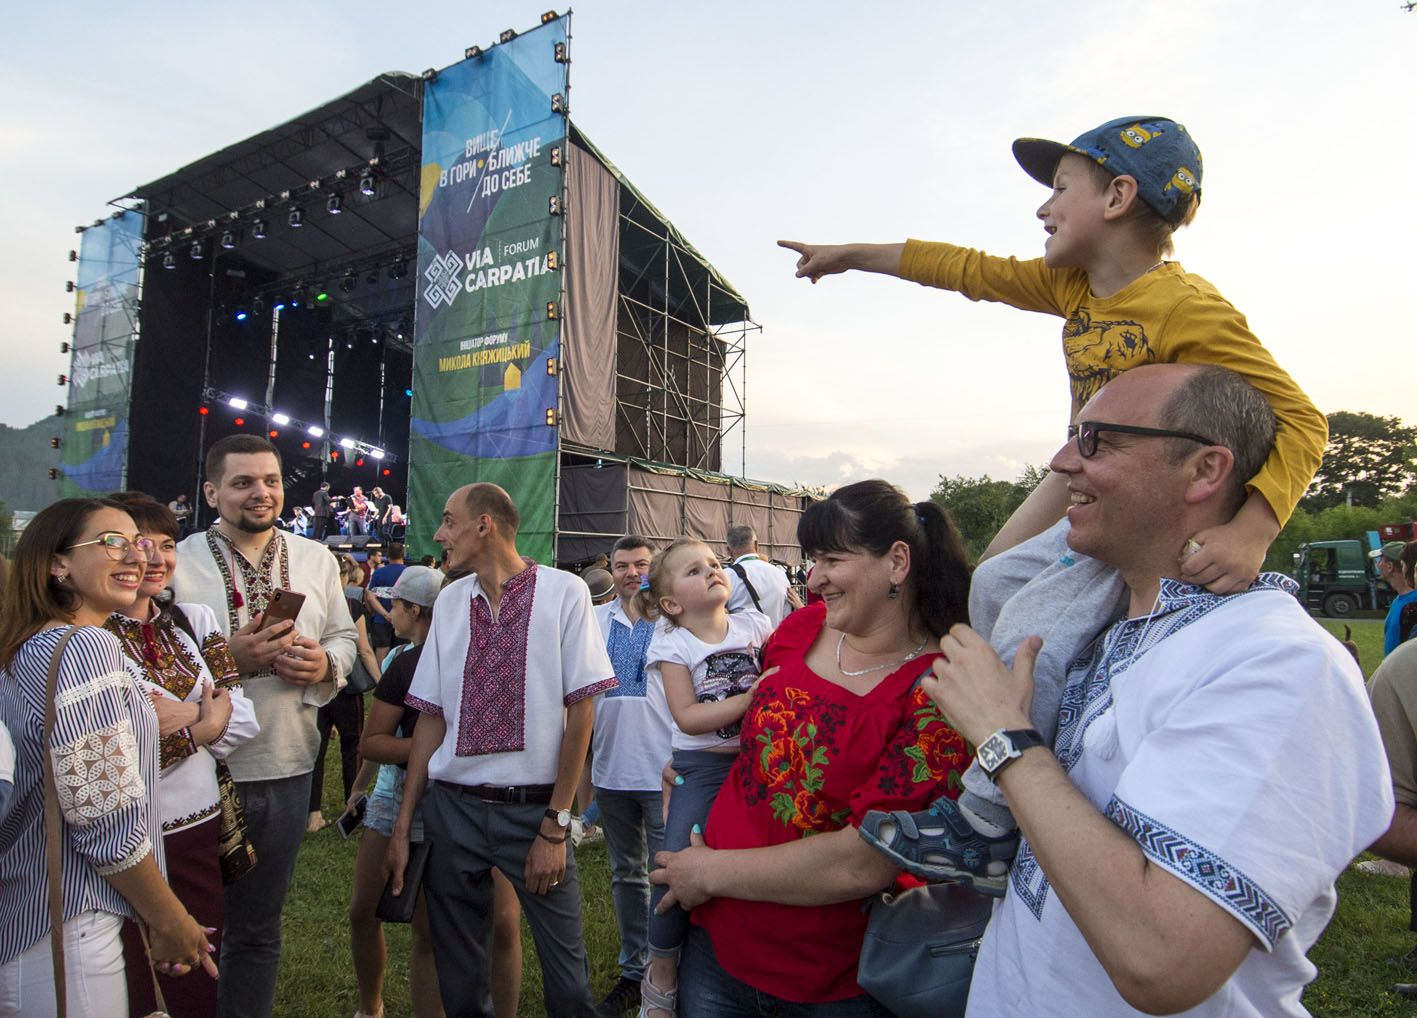 Андрей Парубий: «Ключевые этапы развития Украины — сохранение национальной идентичности, вступление в ЕС и НАТО»